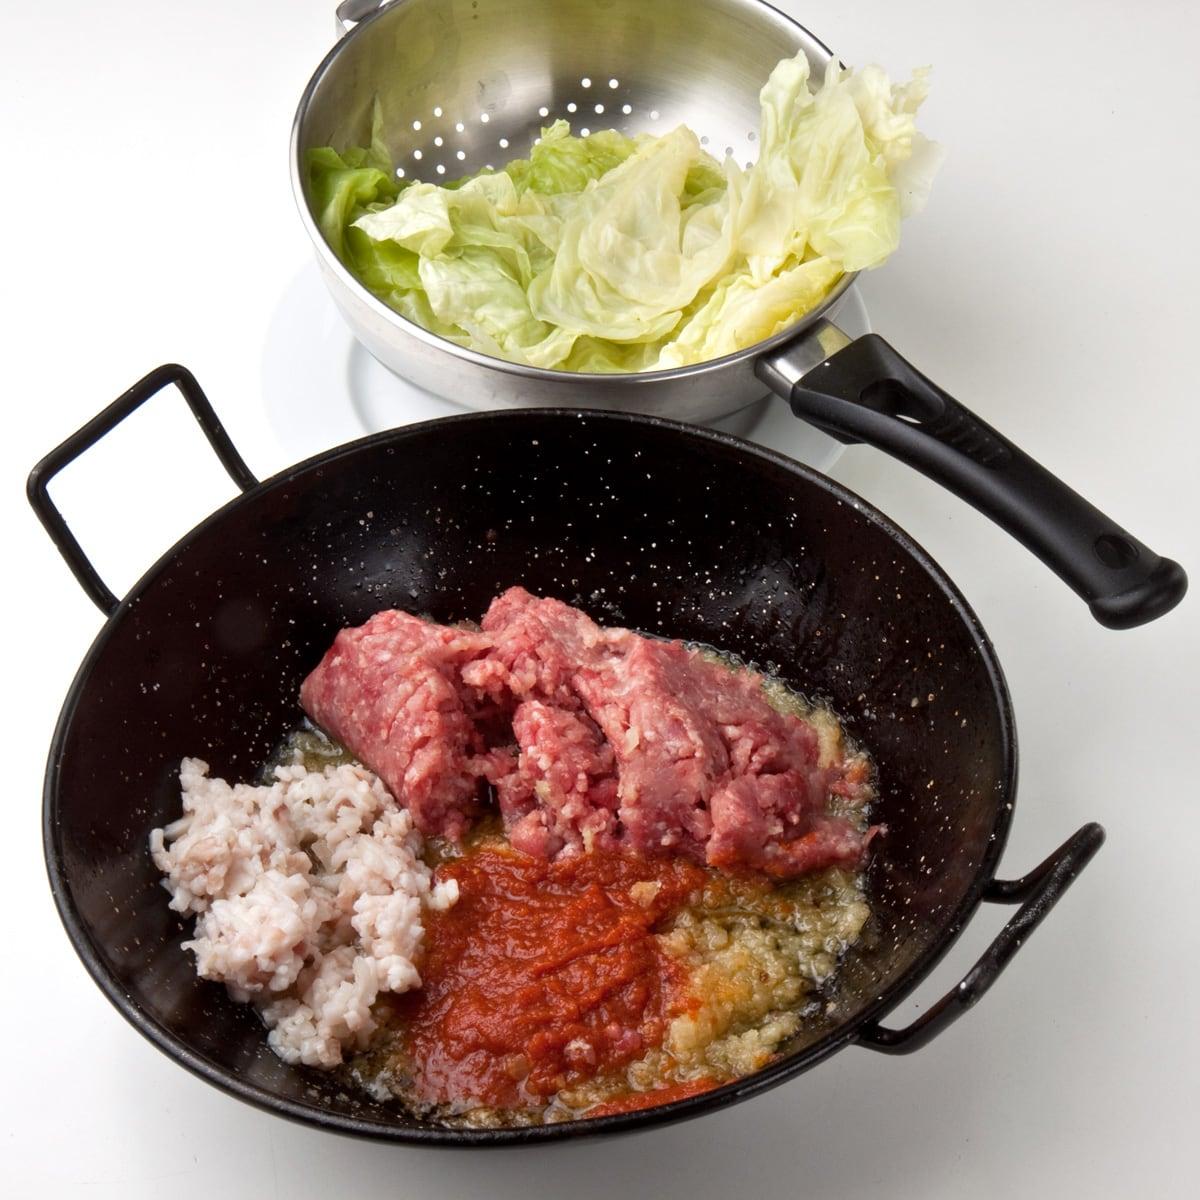 Recetas ideas interesantes y trucos de cocina semana for Como preparar repollo